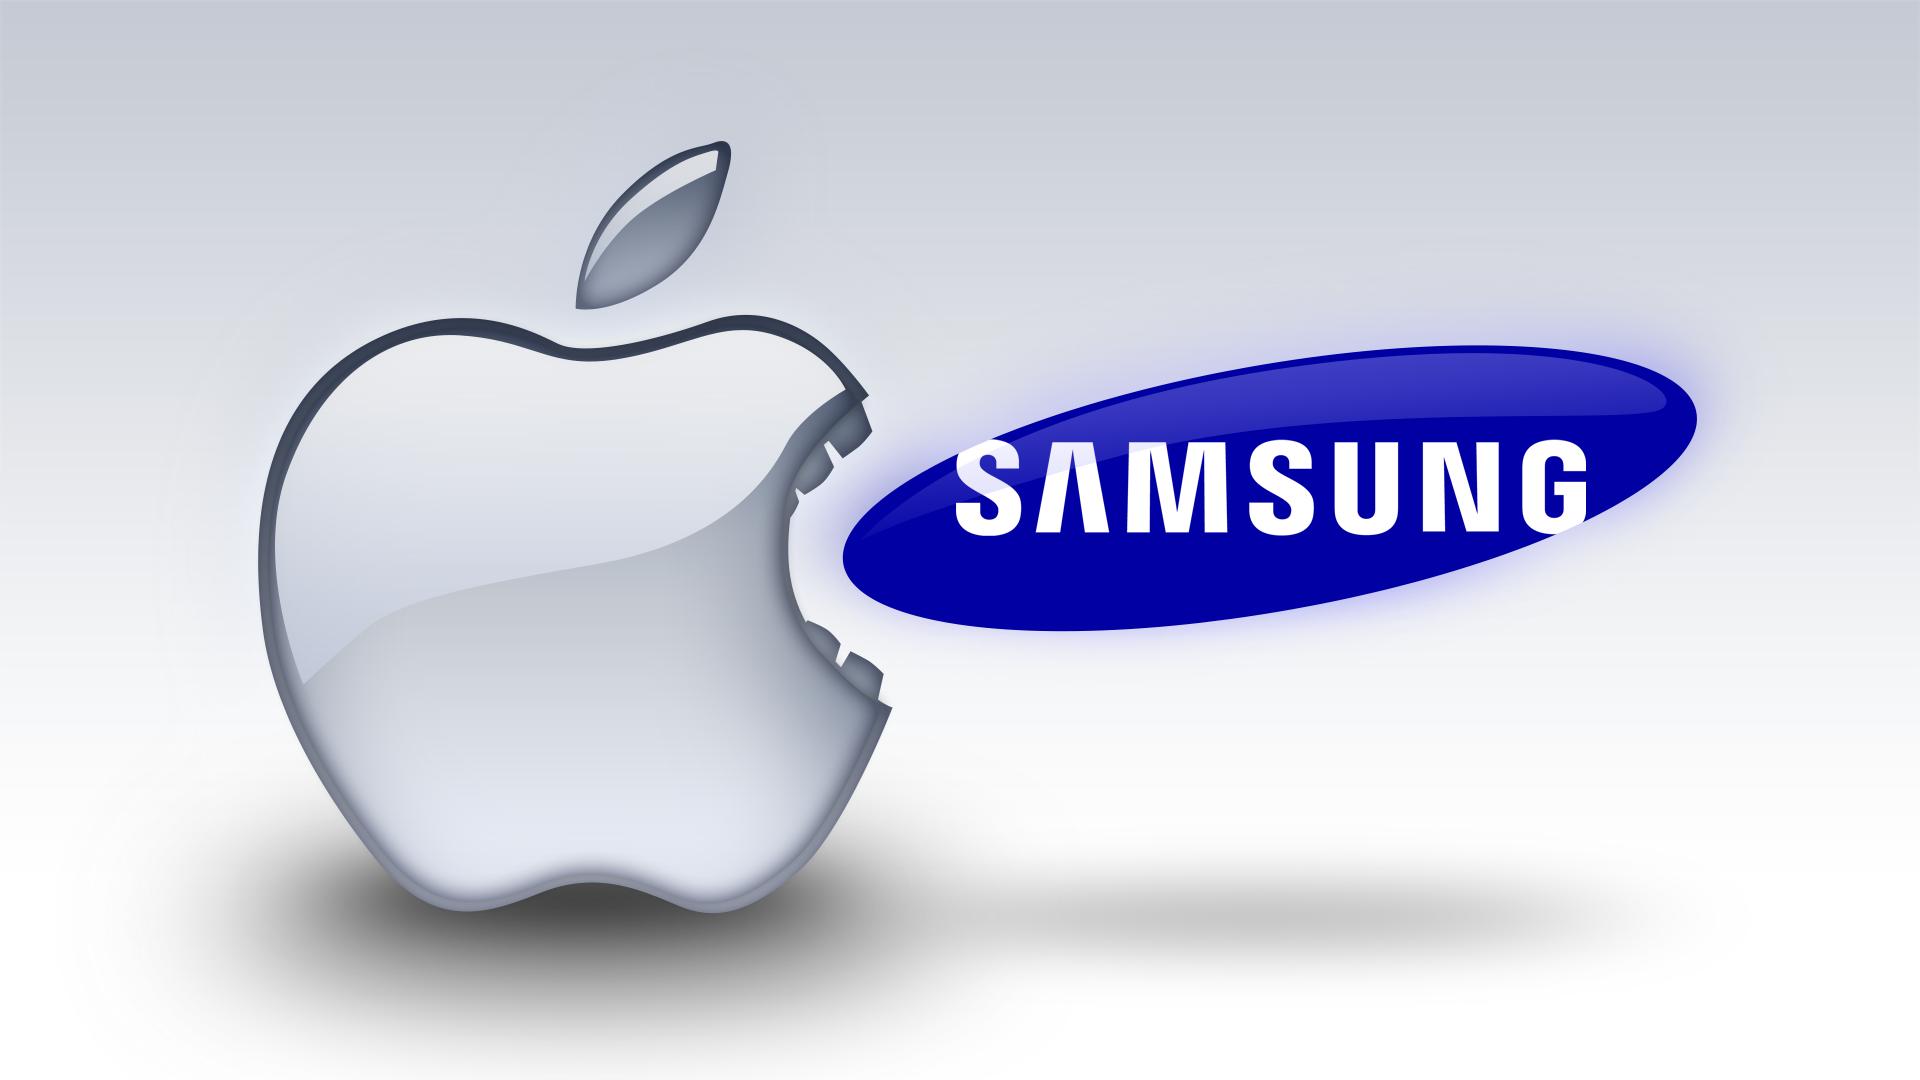 Vers une fusion entre Samsung et Apple?